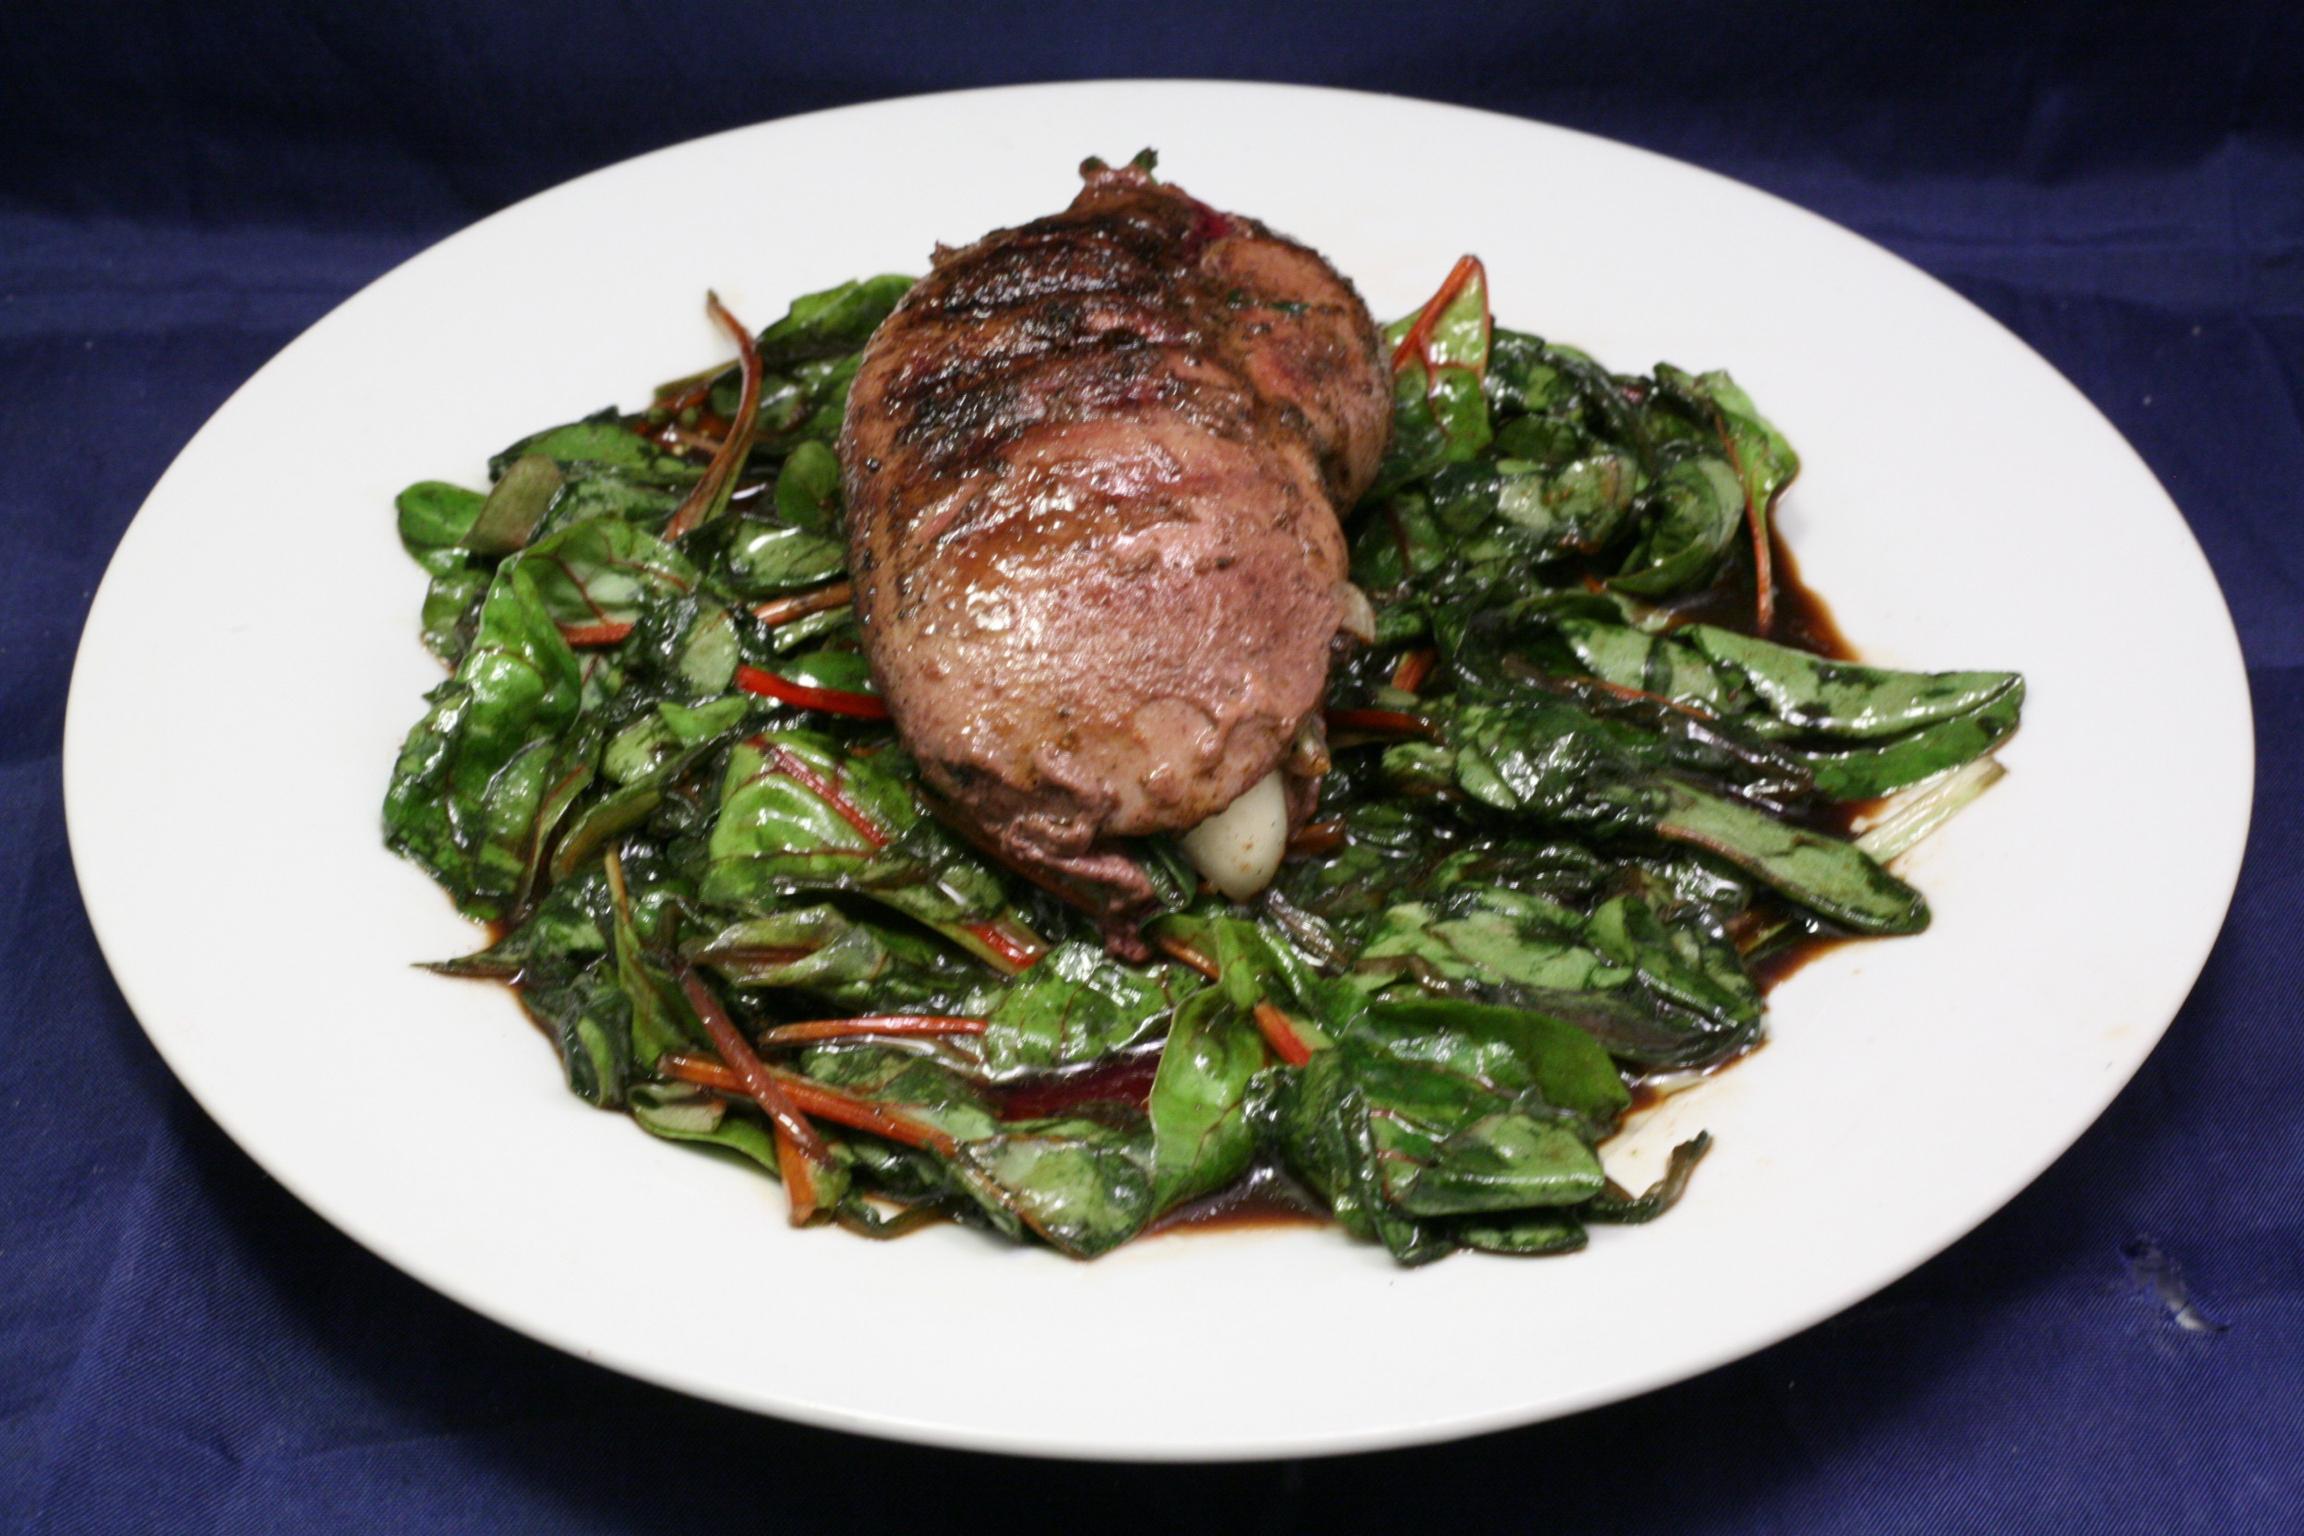 Gegrillte Schweine-Niere auf rotem Mangold-Salat